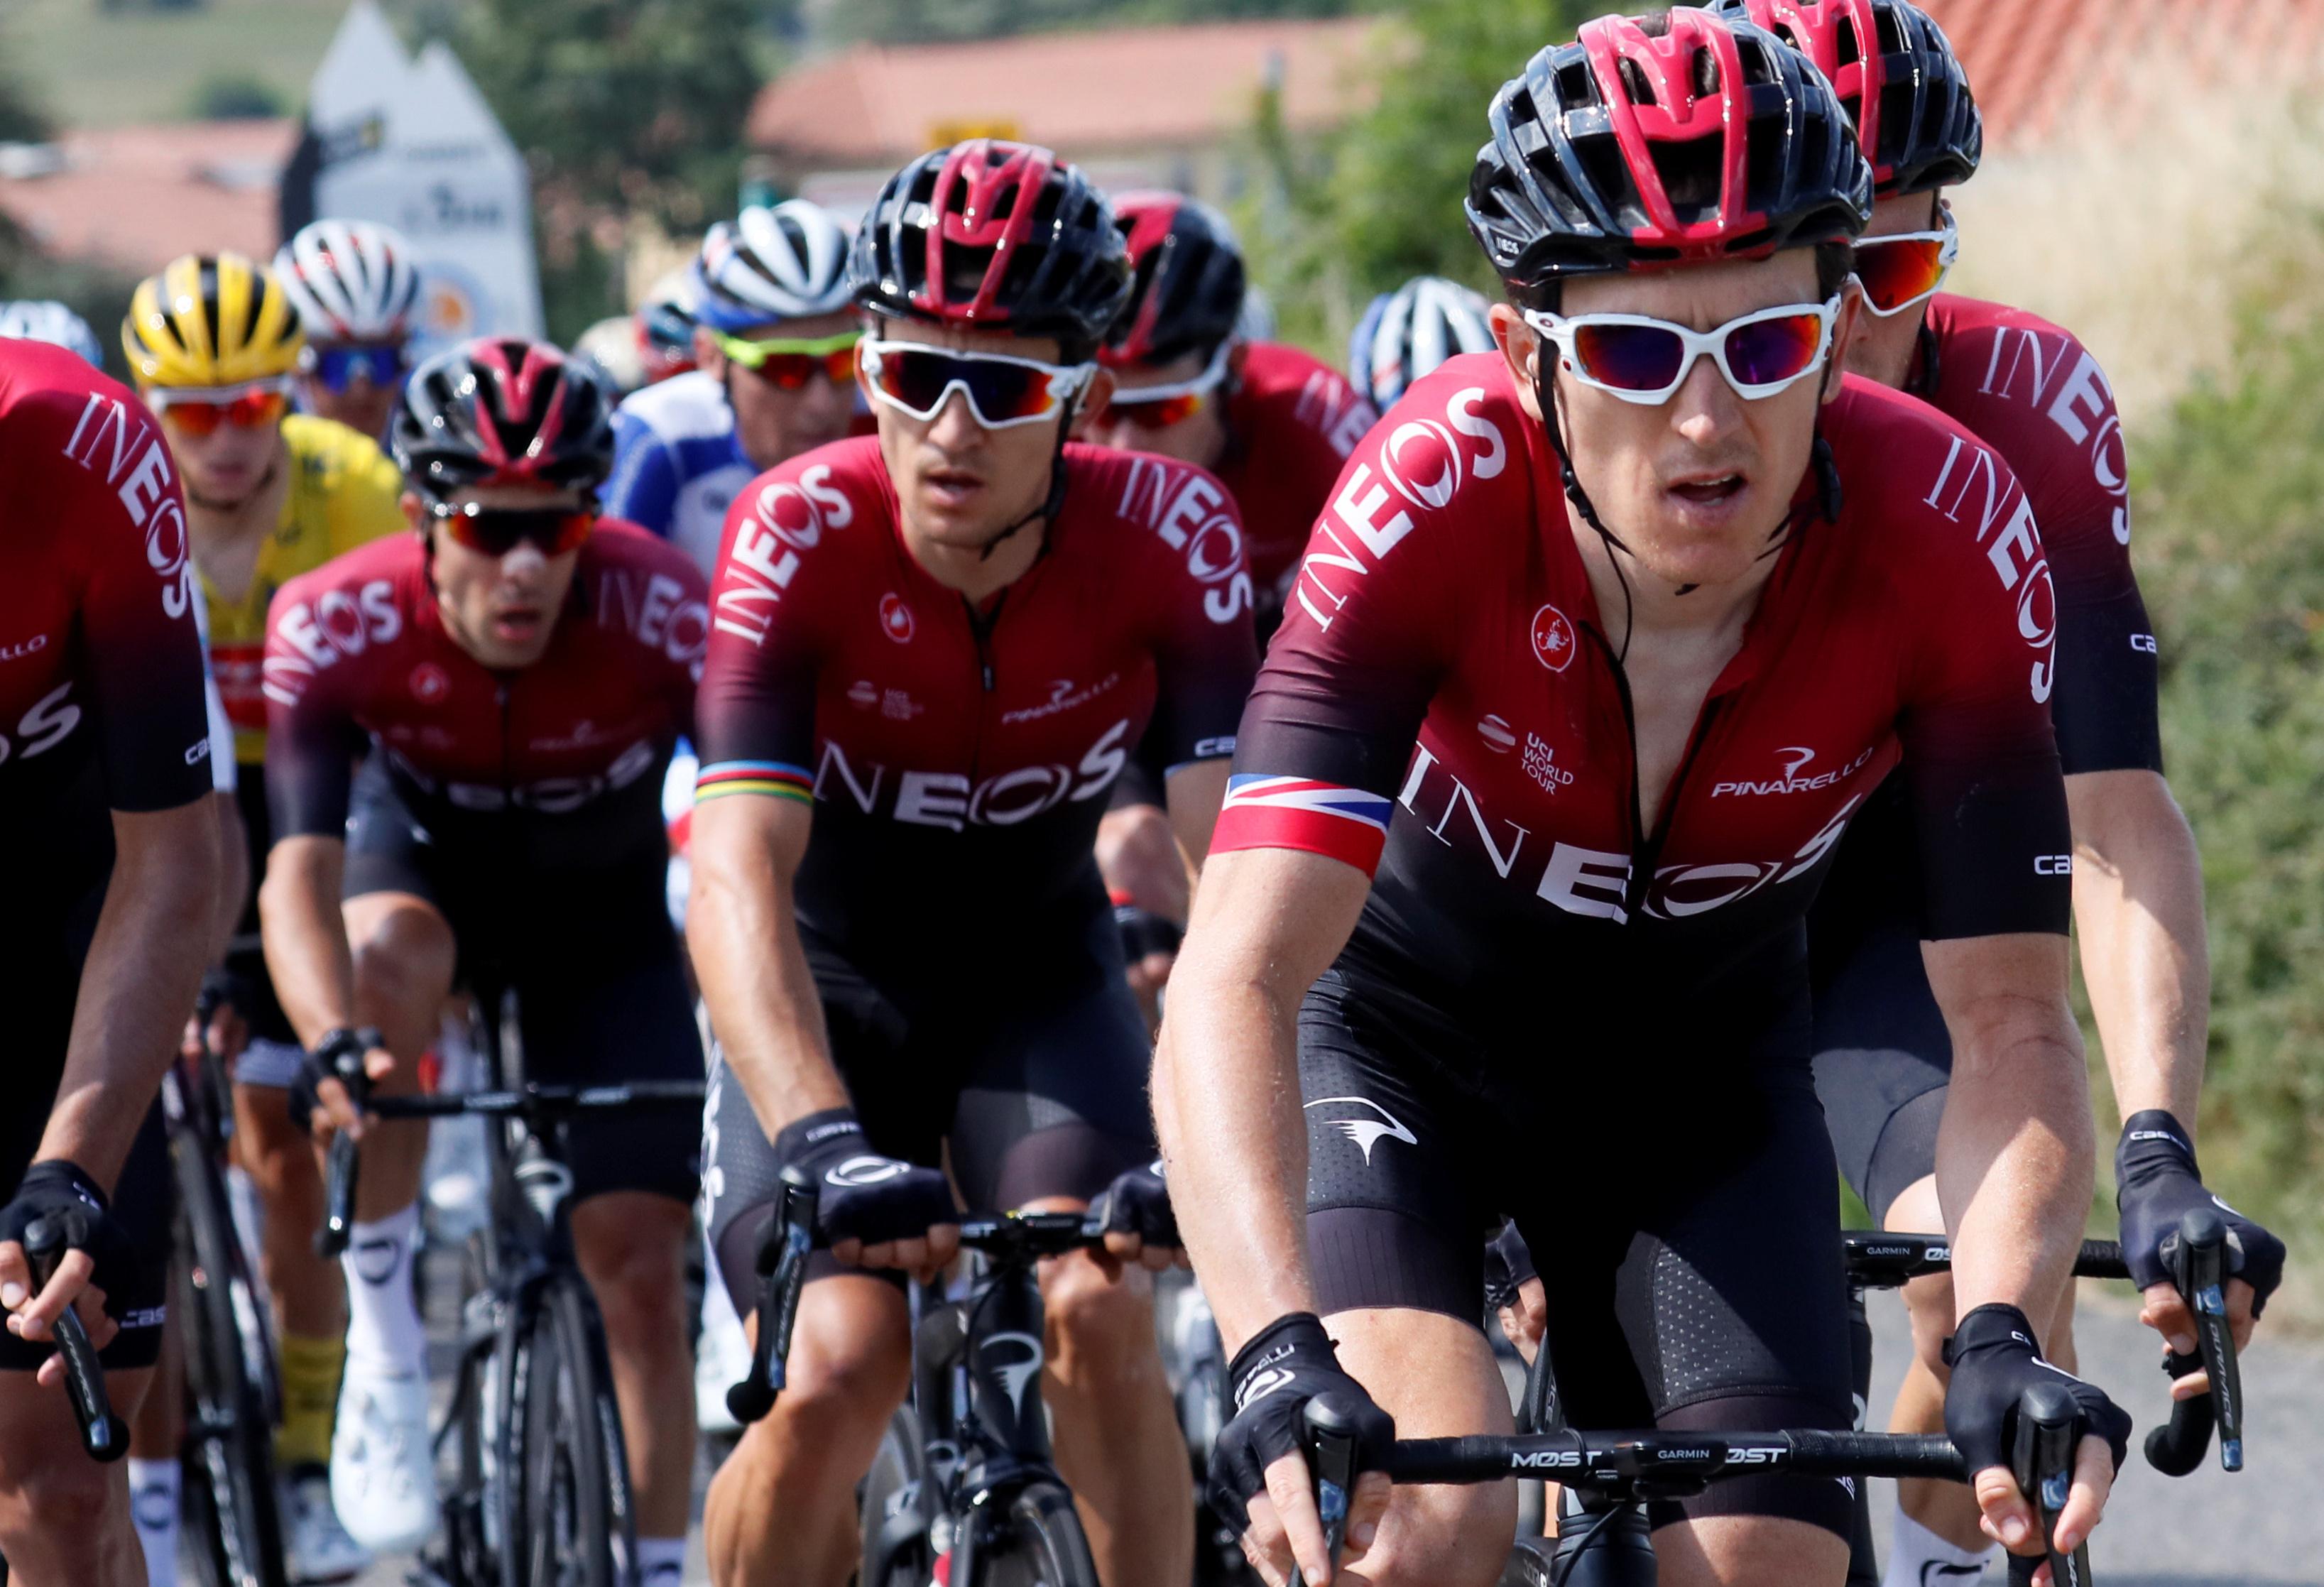 Cyclisme - Tour de France - Tour de France : Ineos dans un fauteuil au pied des Pyrénées